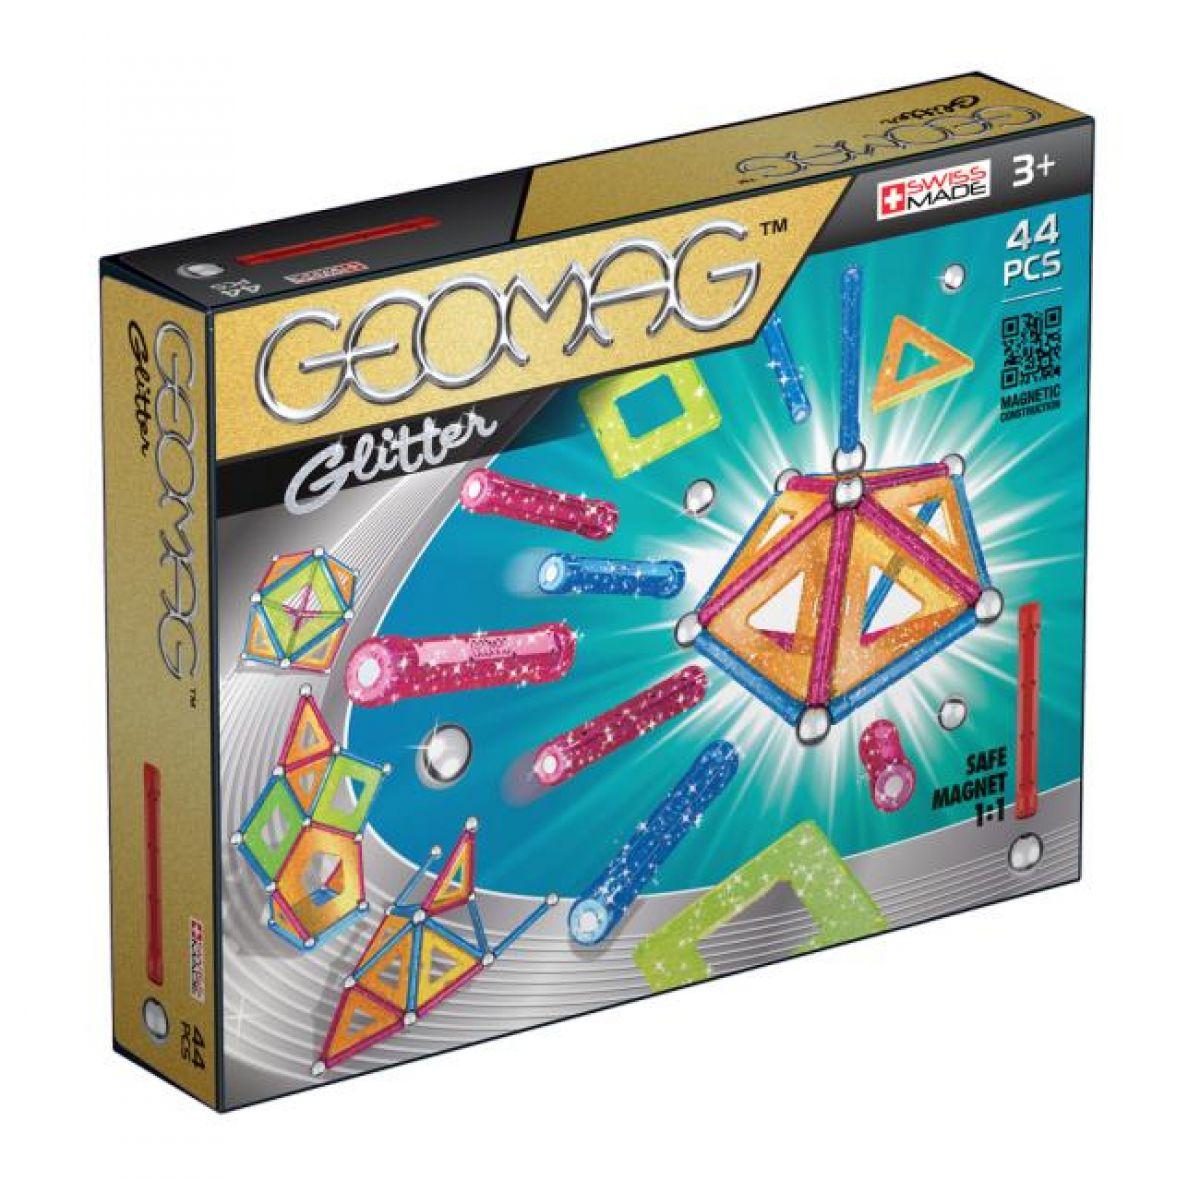 GeoGlitter 44